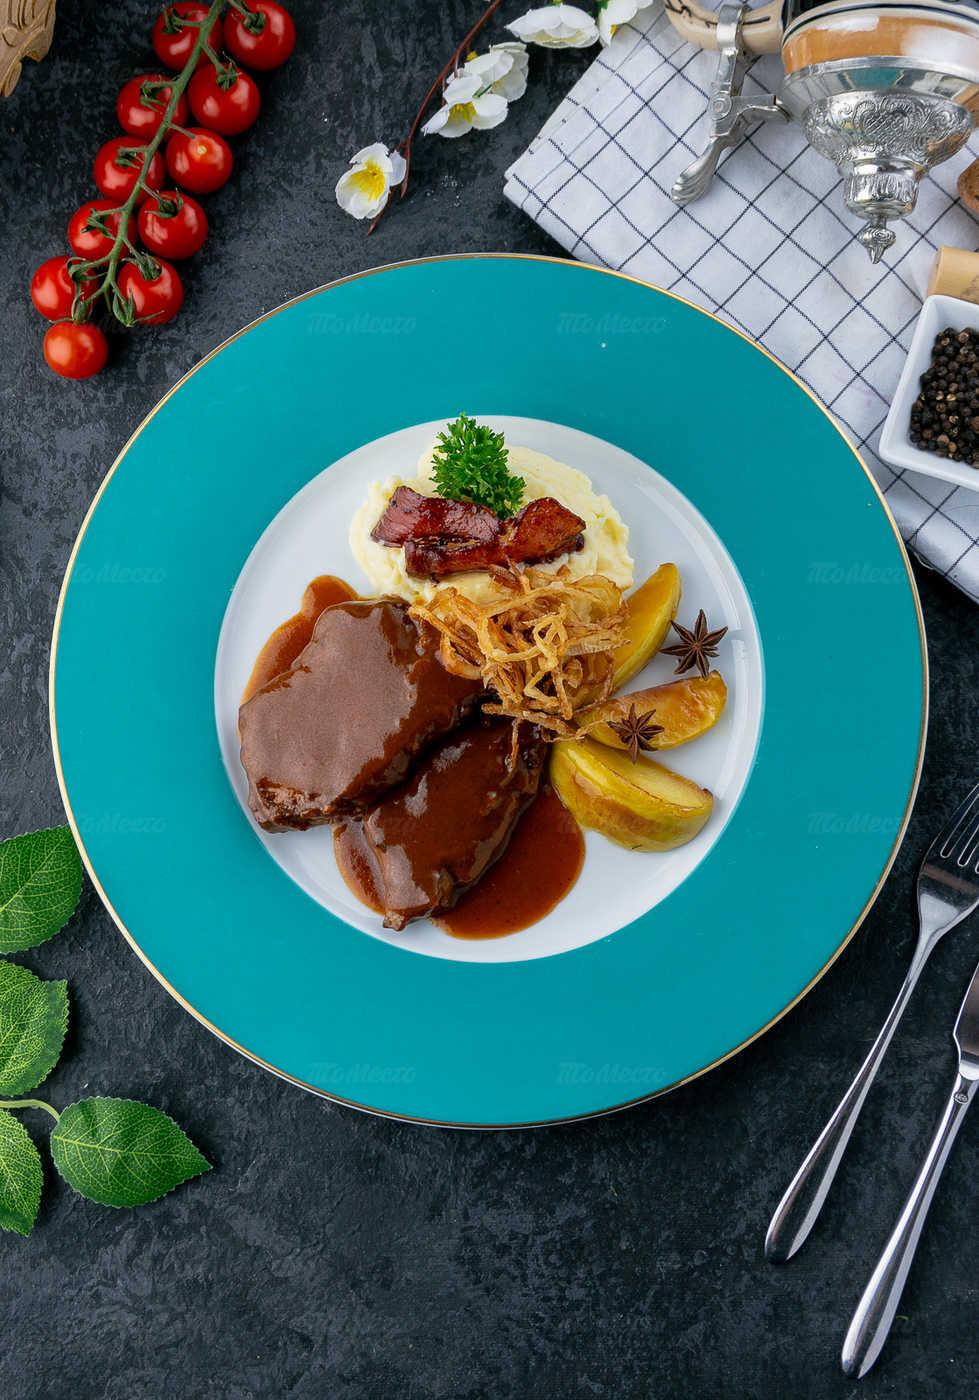 Меню ресторана Швабский Домик на Новочеркасском проспекте фото 62